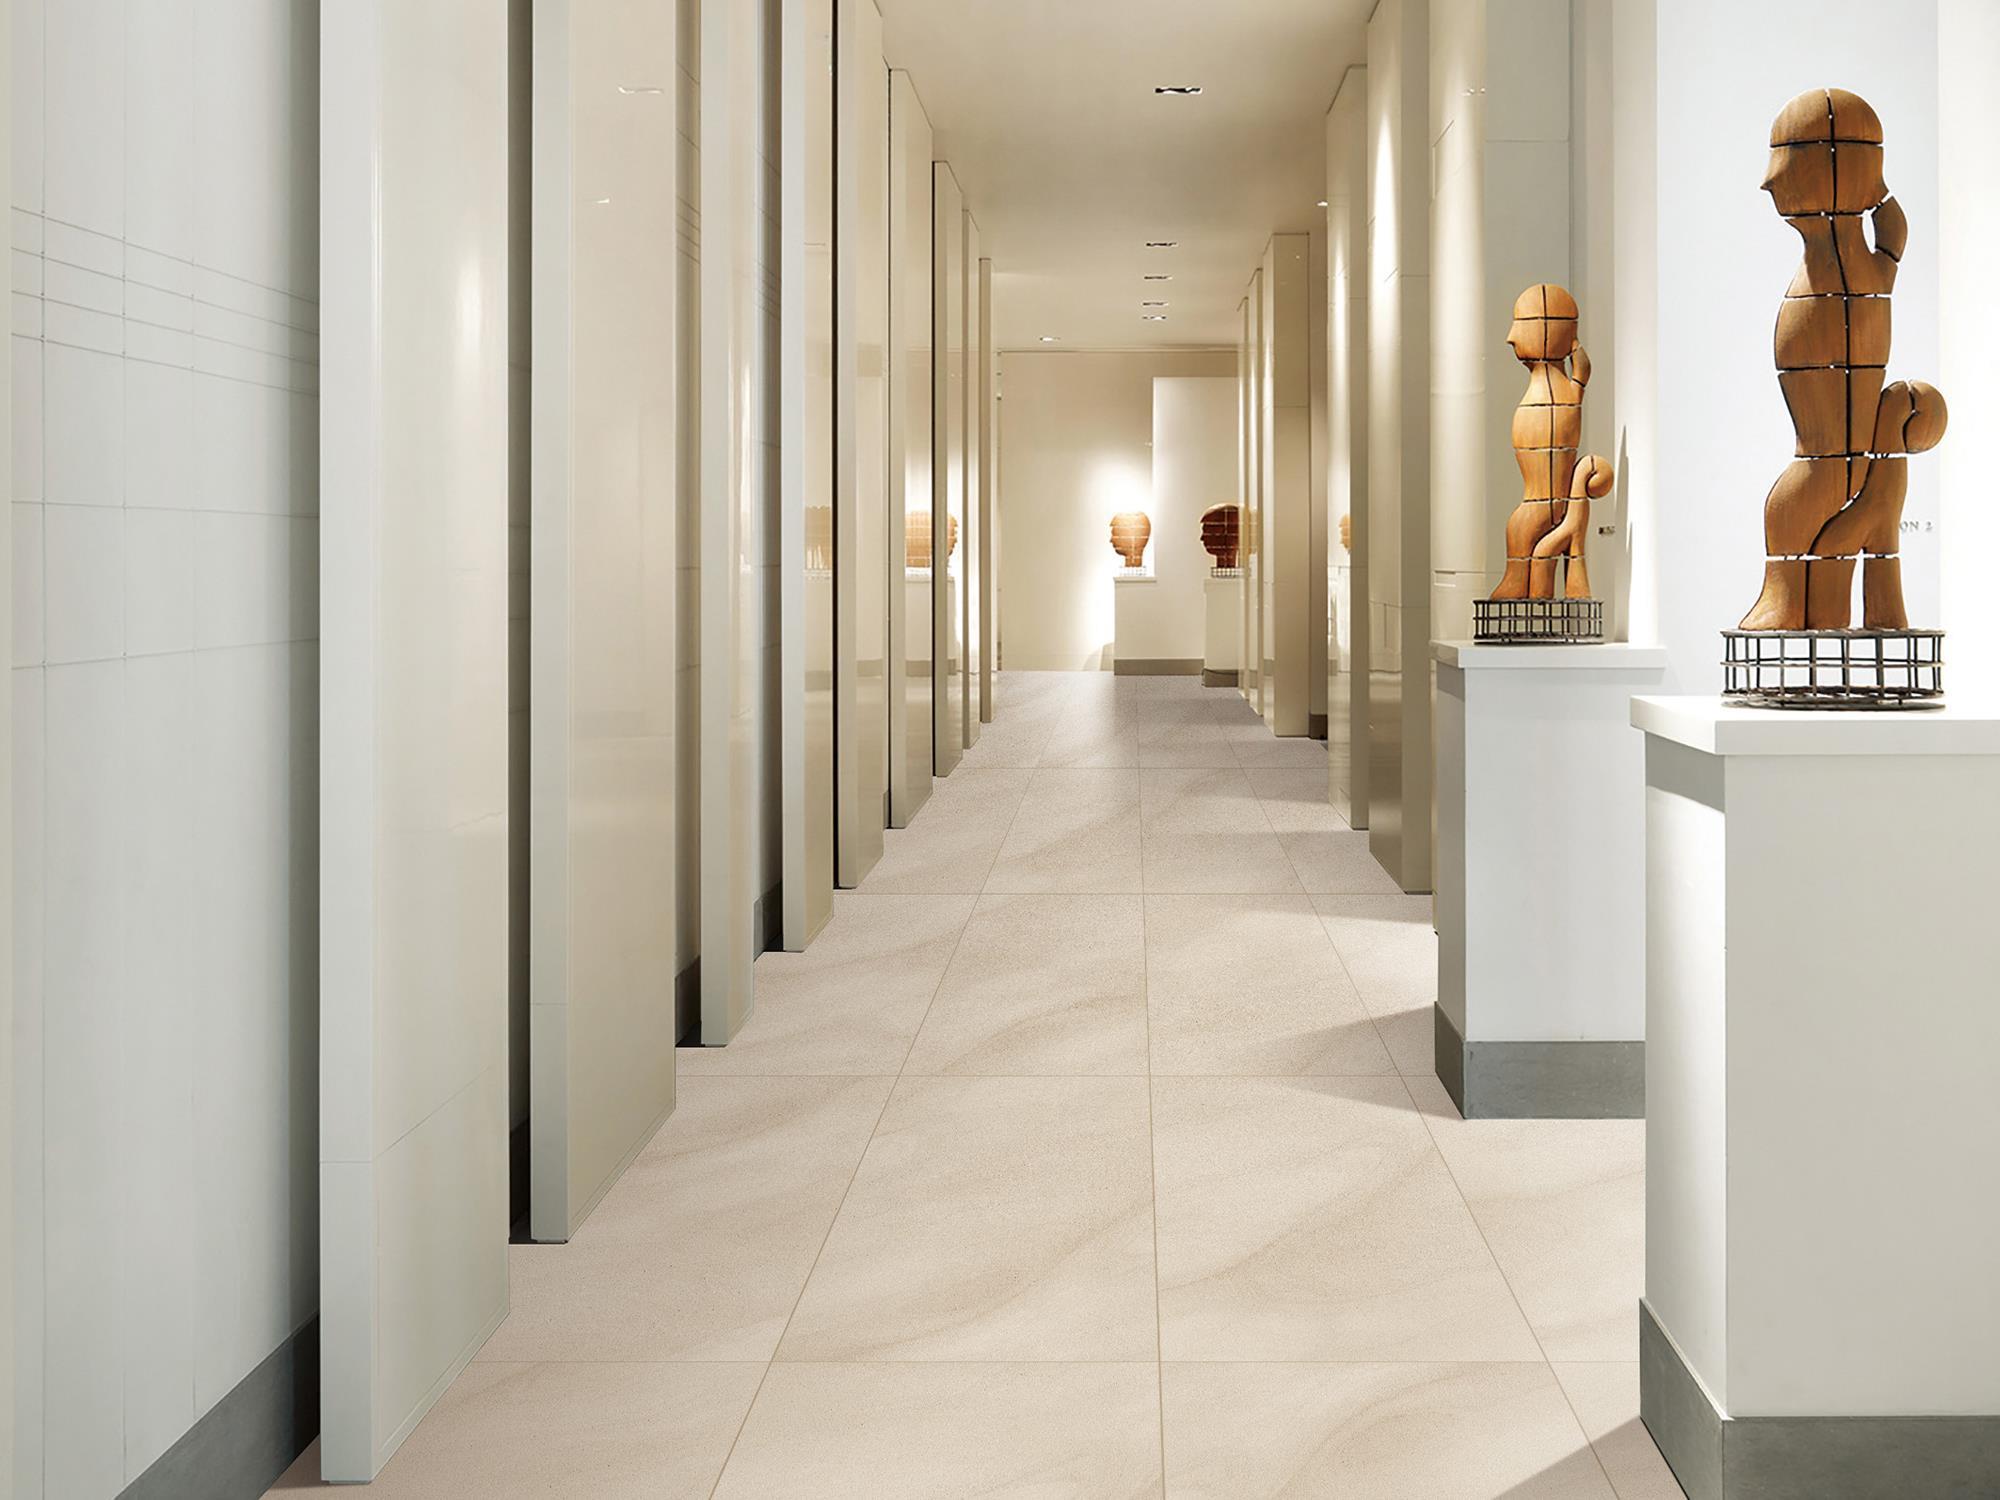 什么是幕墙工程?瓷砖幕墙有哪些优点?